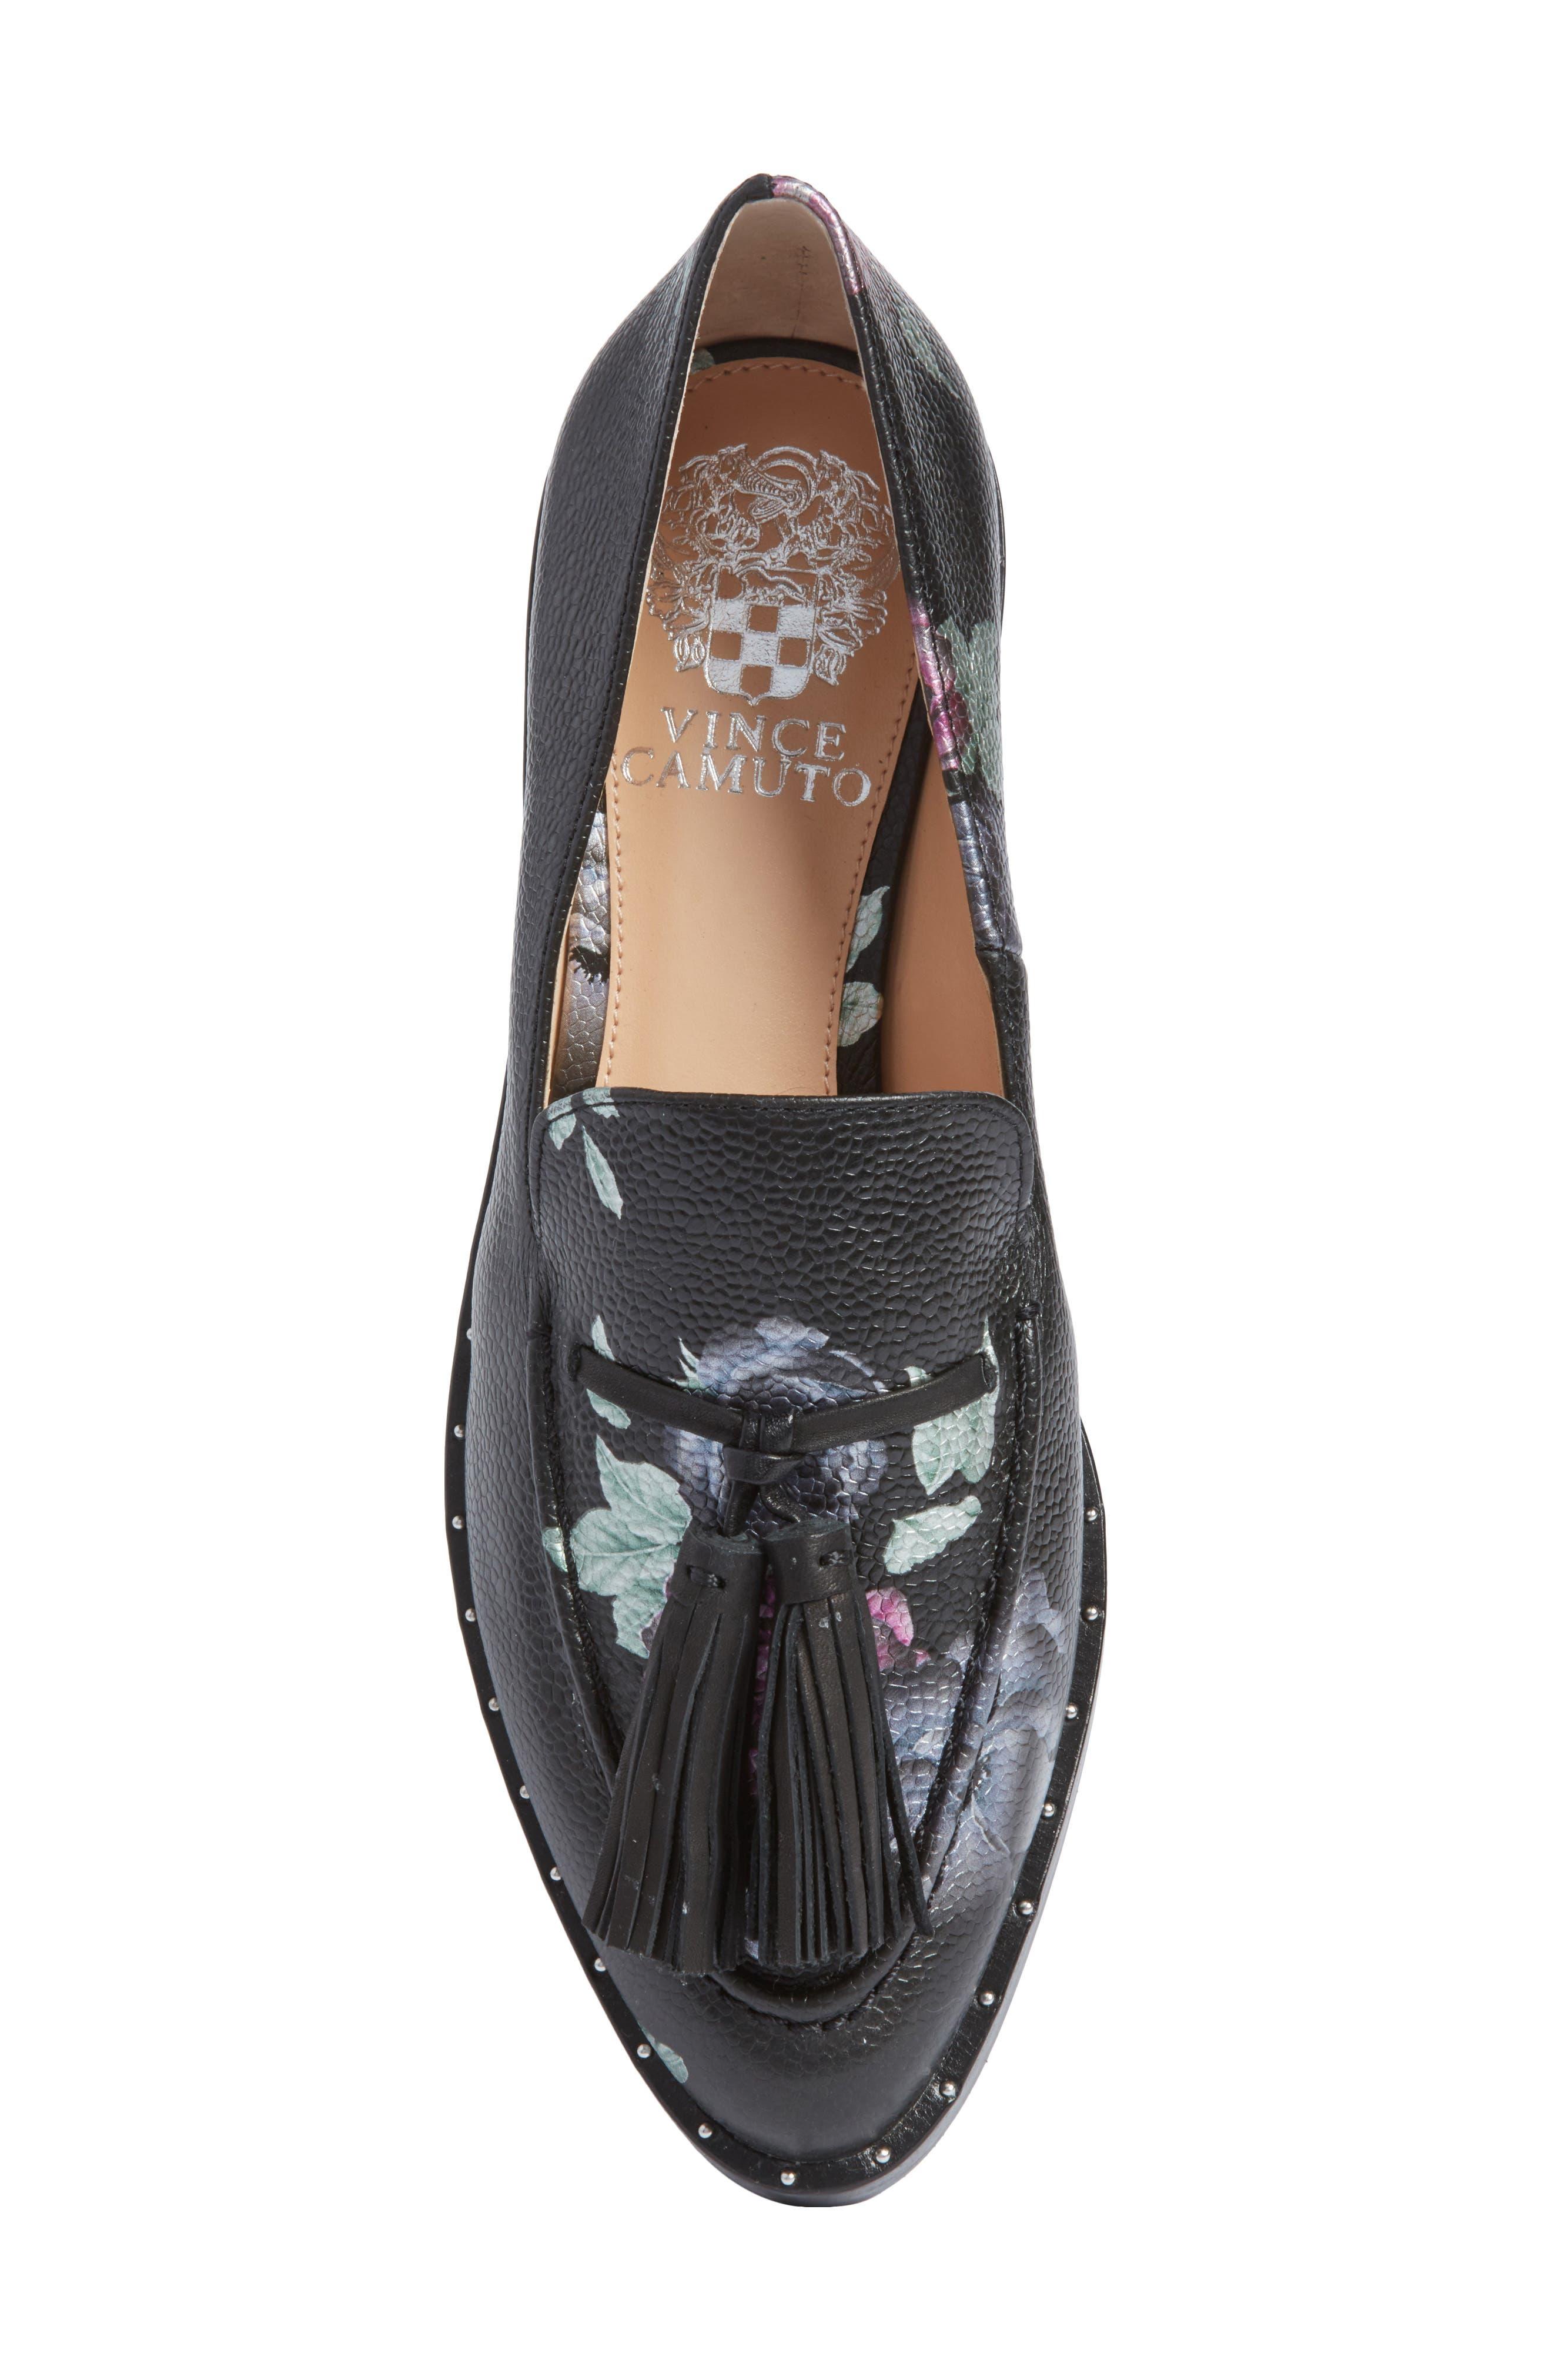 Geralin Tassel Loafer,                             Alternate thumbnail 5, color,                             Black Floral Print Leather